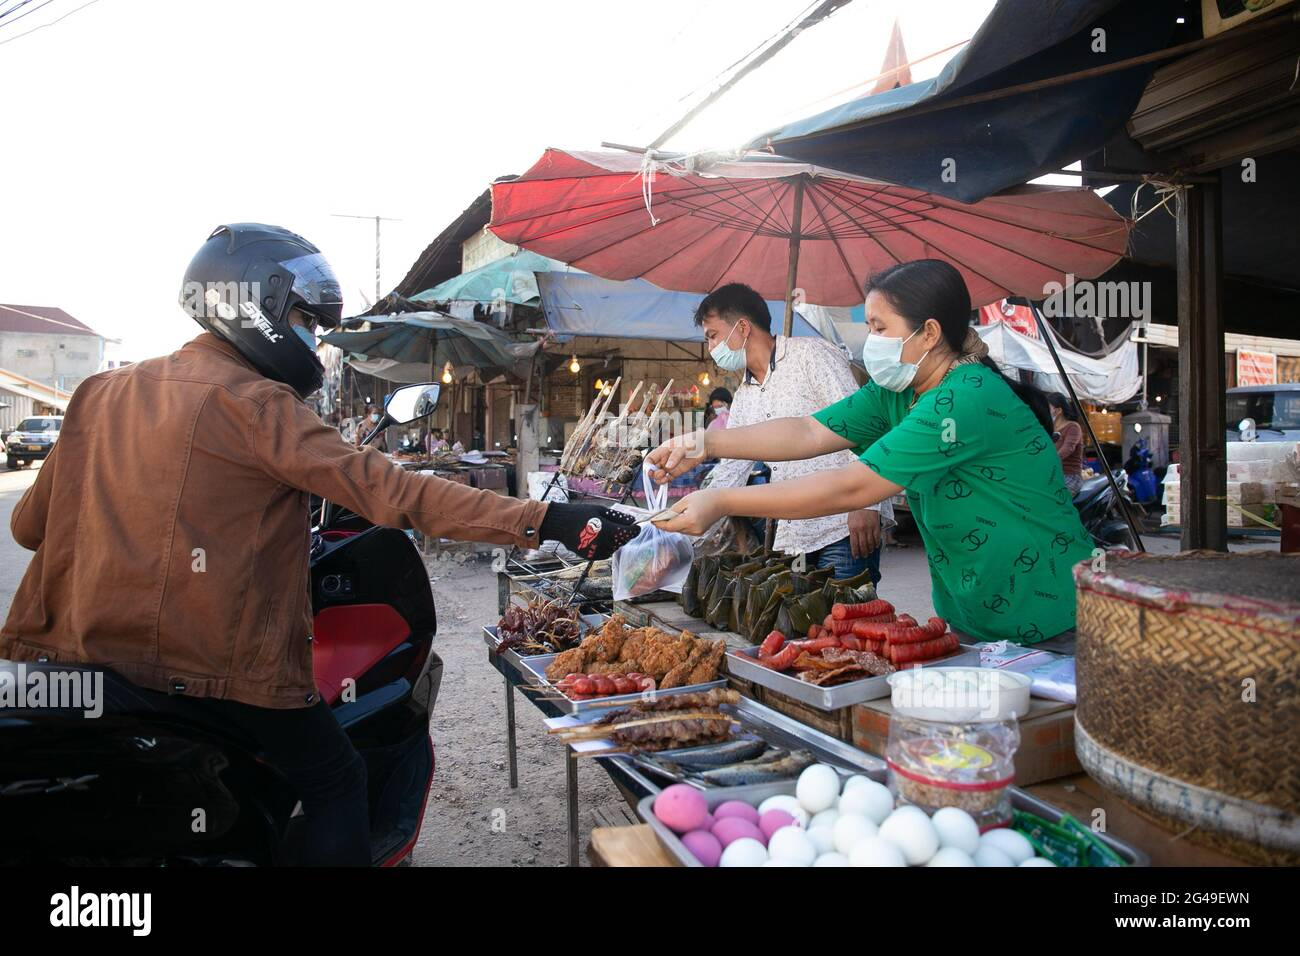 Vientiane, Laos. 19 juin 2021. Les vendeurs portant des masques vendent des plats à emporter à Vientiane, au Laos, le 19 juin 2021. Le Laos a prolongé son verrouillage des mesures de prévention COVID-19 dans tout le pays pendant 15 jours supplémentaires, alors que la propagation communautaire de COVID-19 dans la capitale se poursuit. Credit: Kaikeo Saiyasane/Xinhua/Alay Live News Banque D'Images